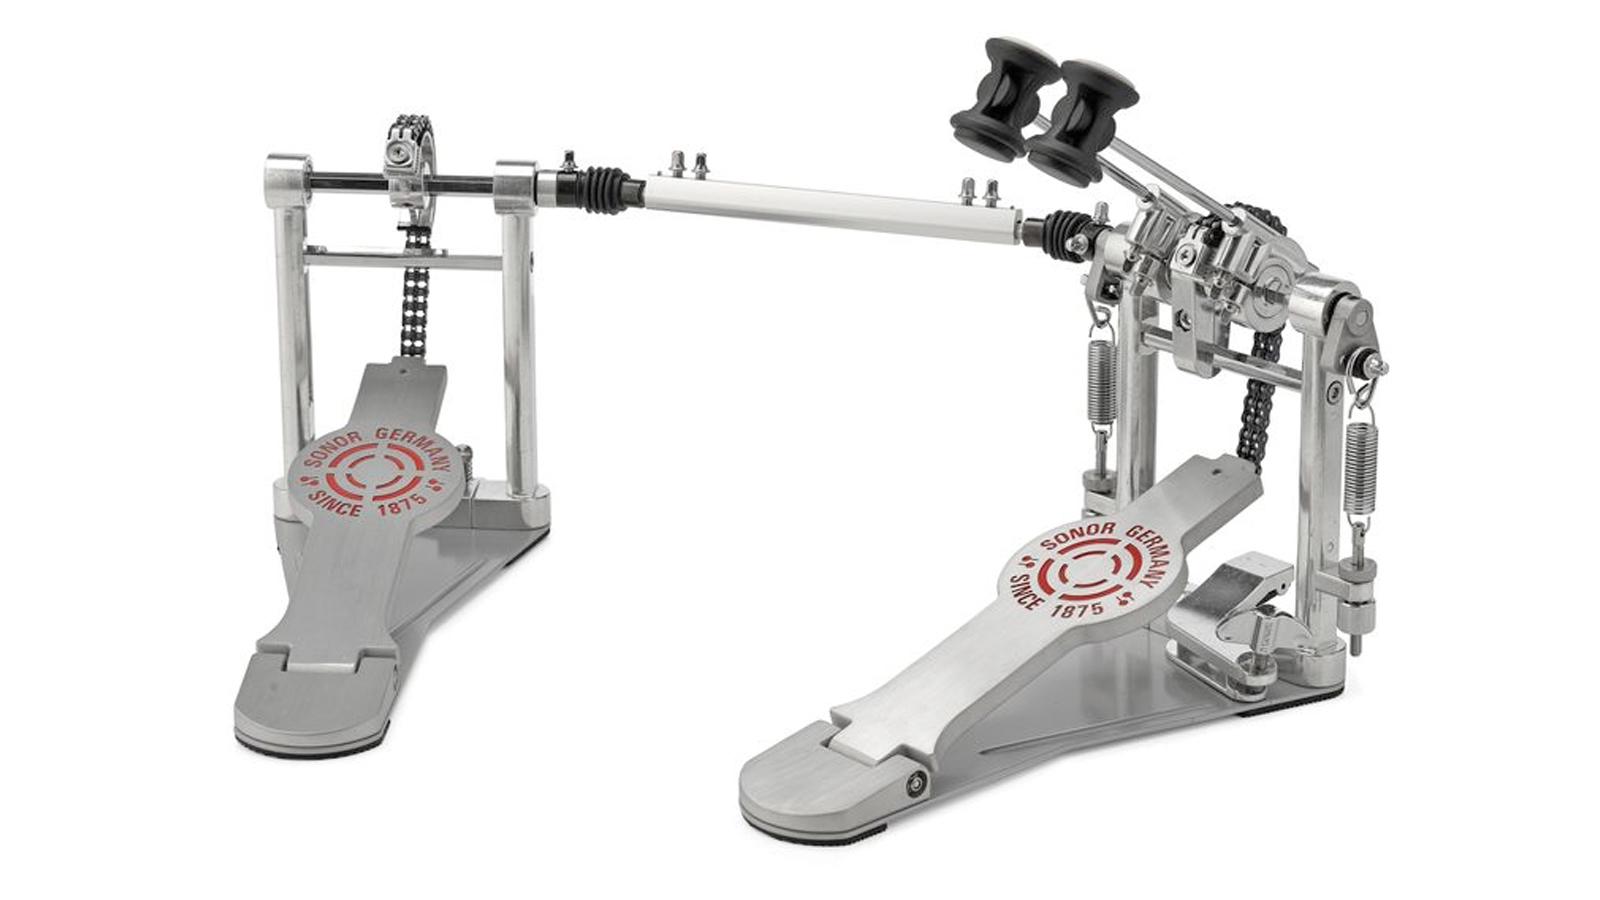 Sonor DP4000 Doppelfußmaschine inkl. Bag